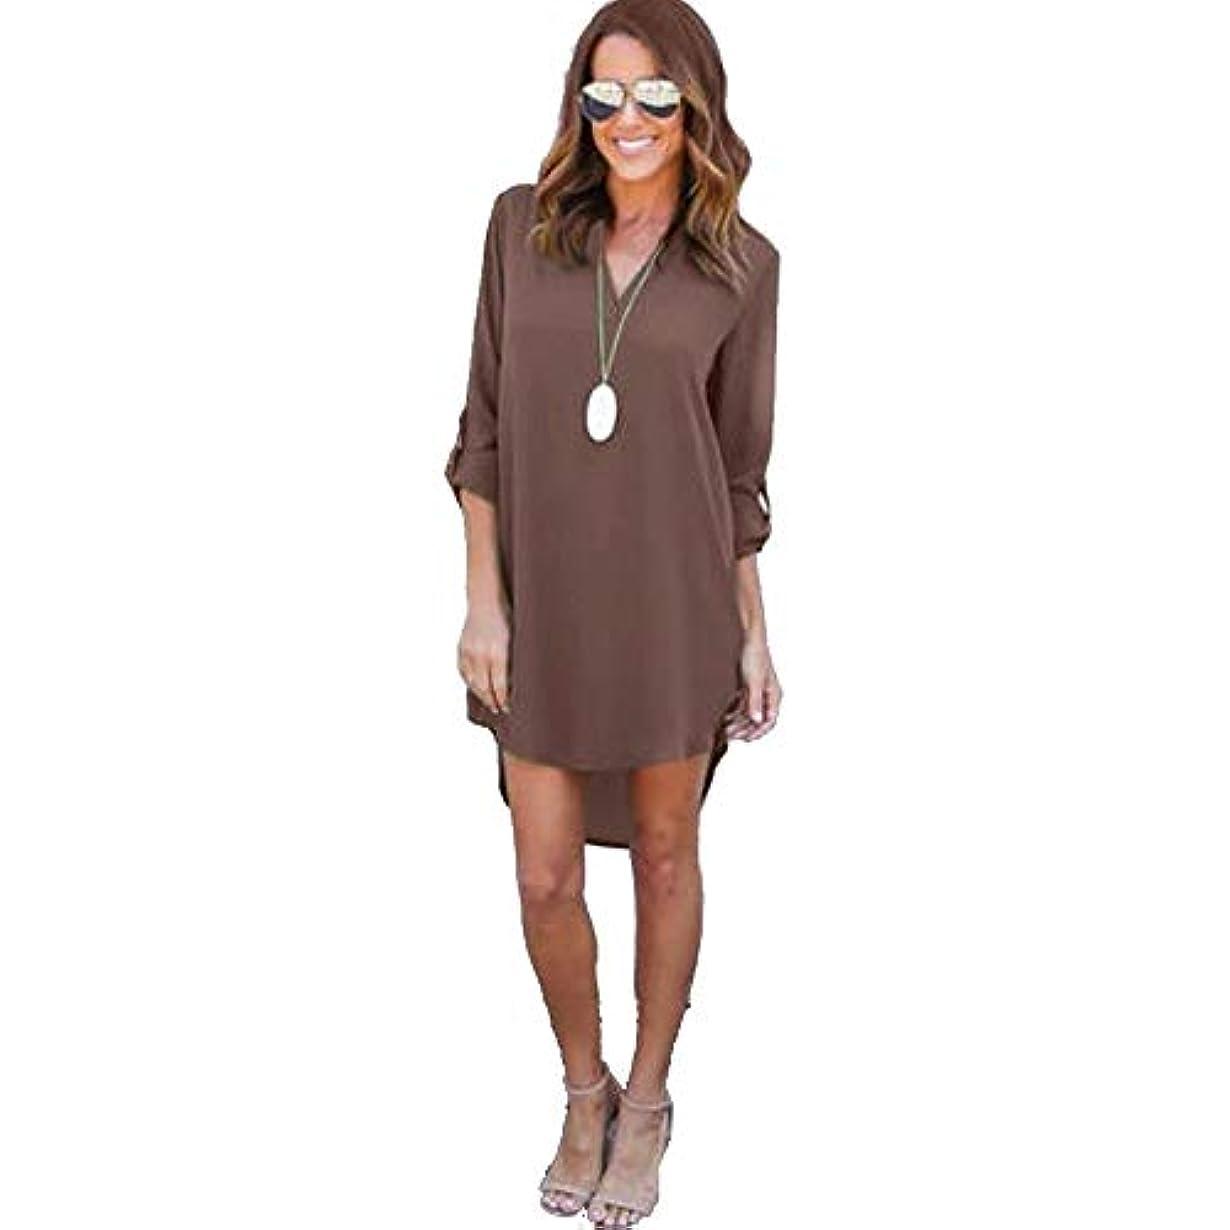 表面減るマッシュMIFAN女性ドレス、シフォン、Vネック、無地、長袖、ゆったり、ミニドレス、Tシャツドレス